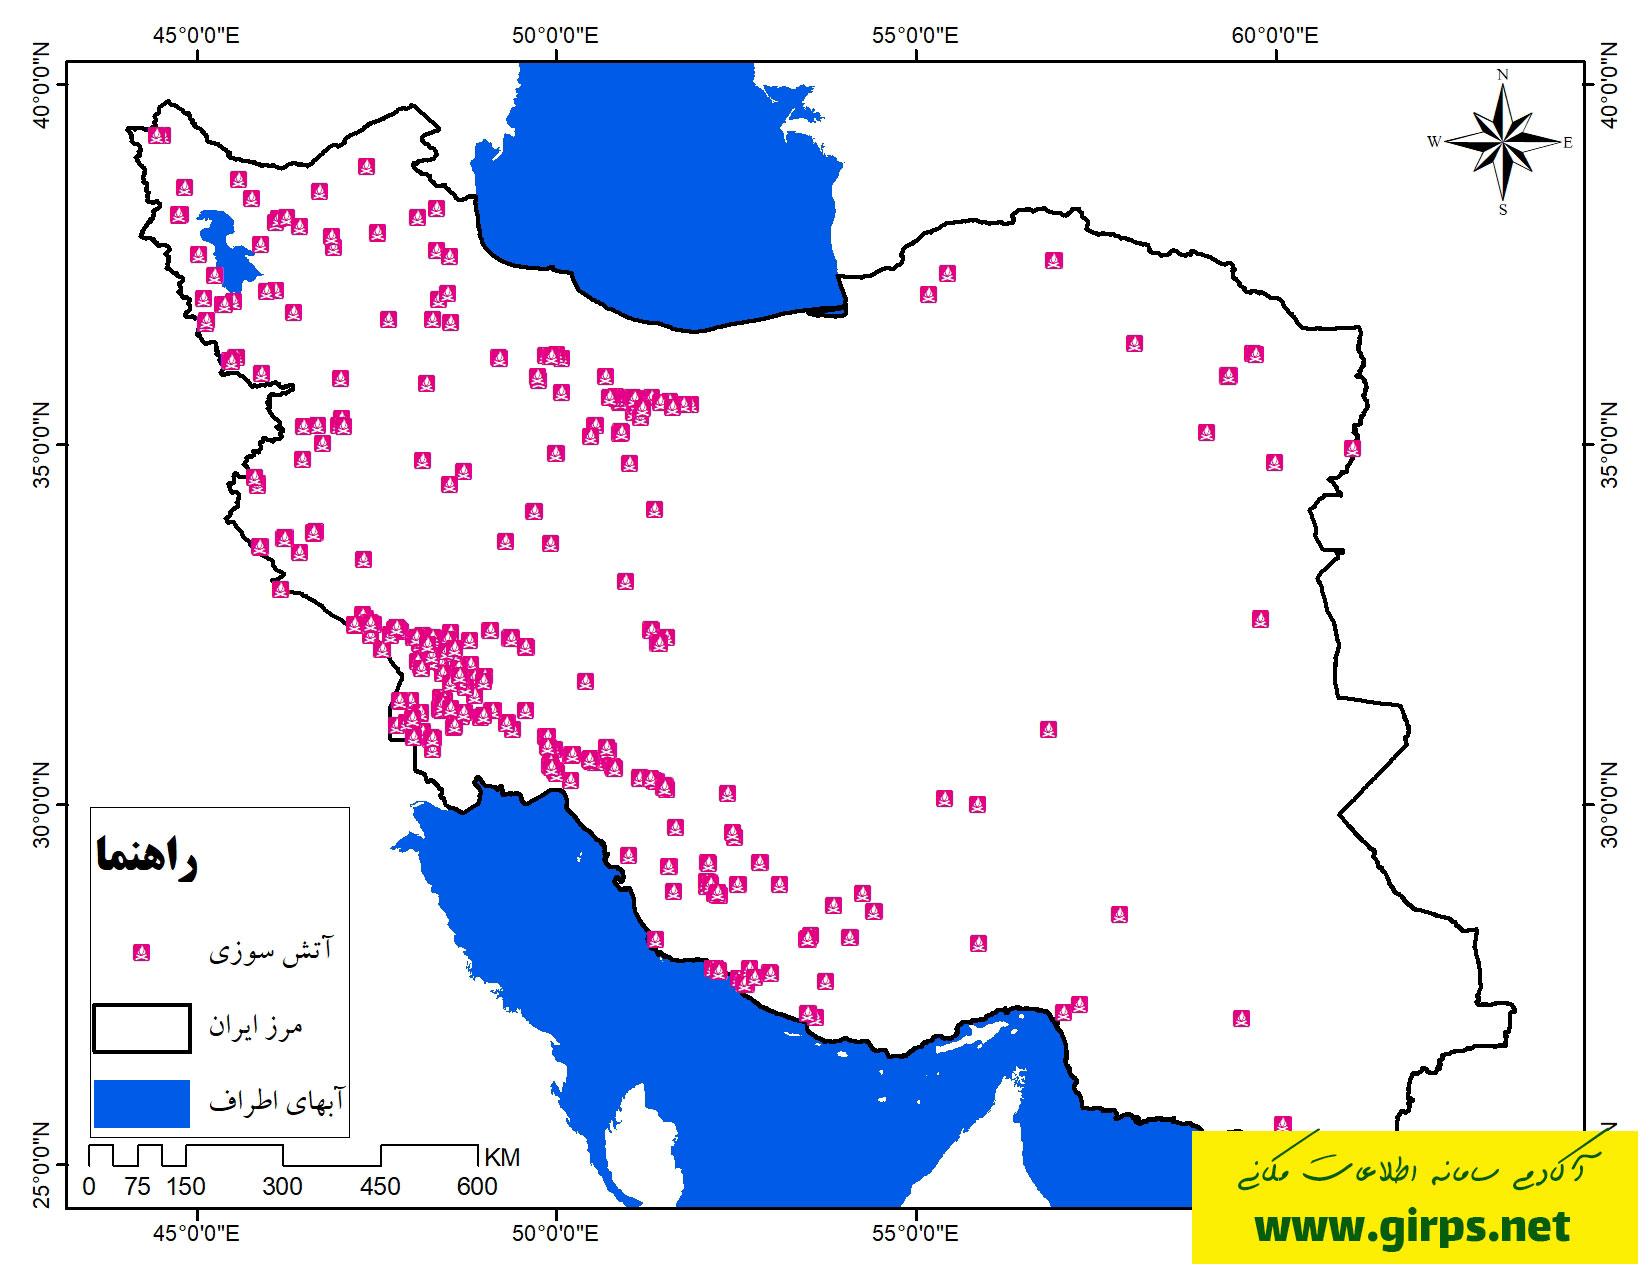 نقشه پراکندگی نقاط آتش سوزی ایران